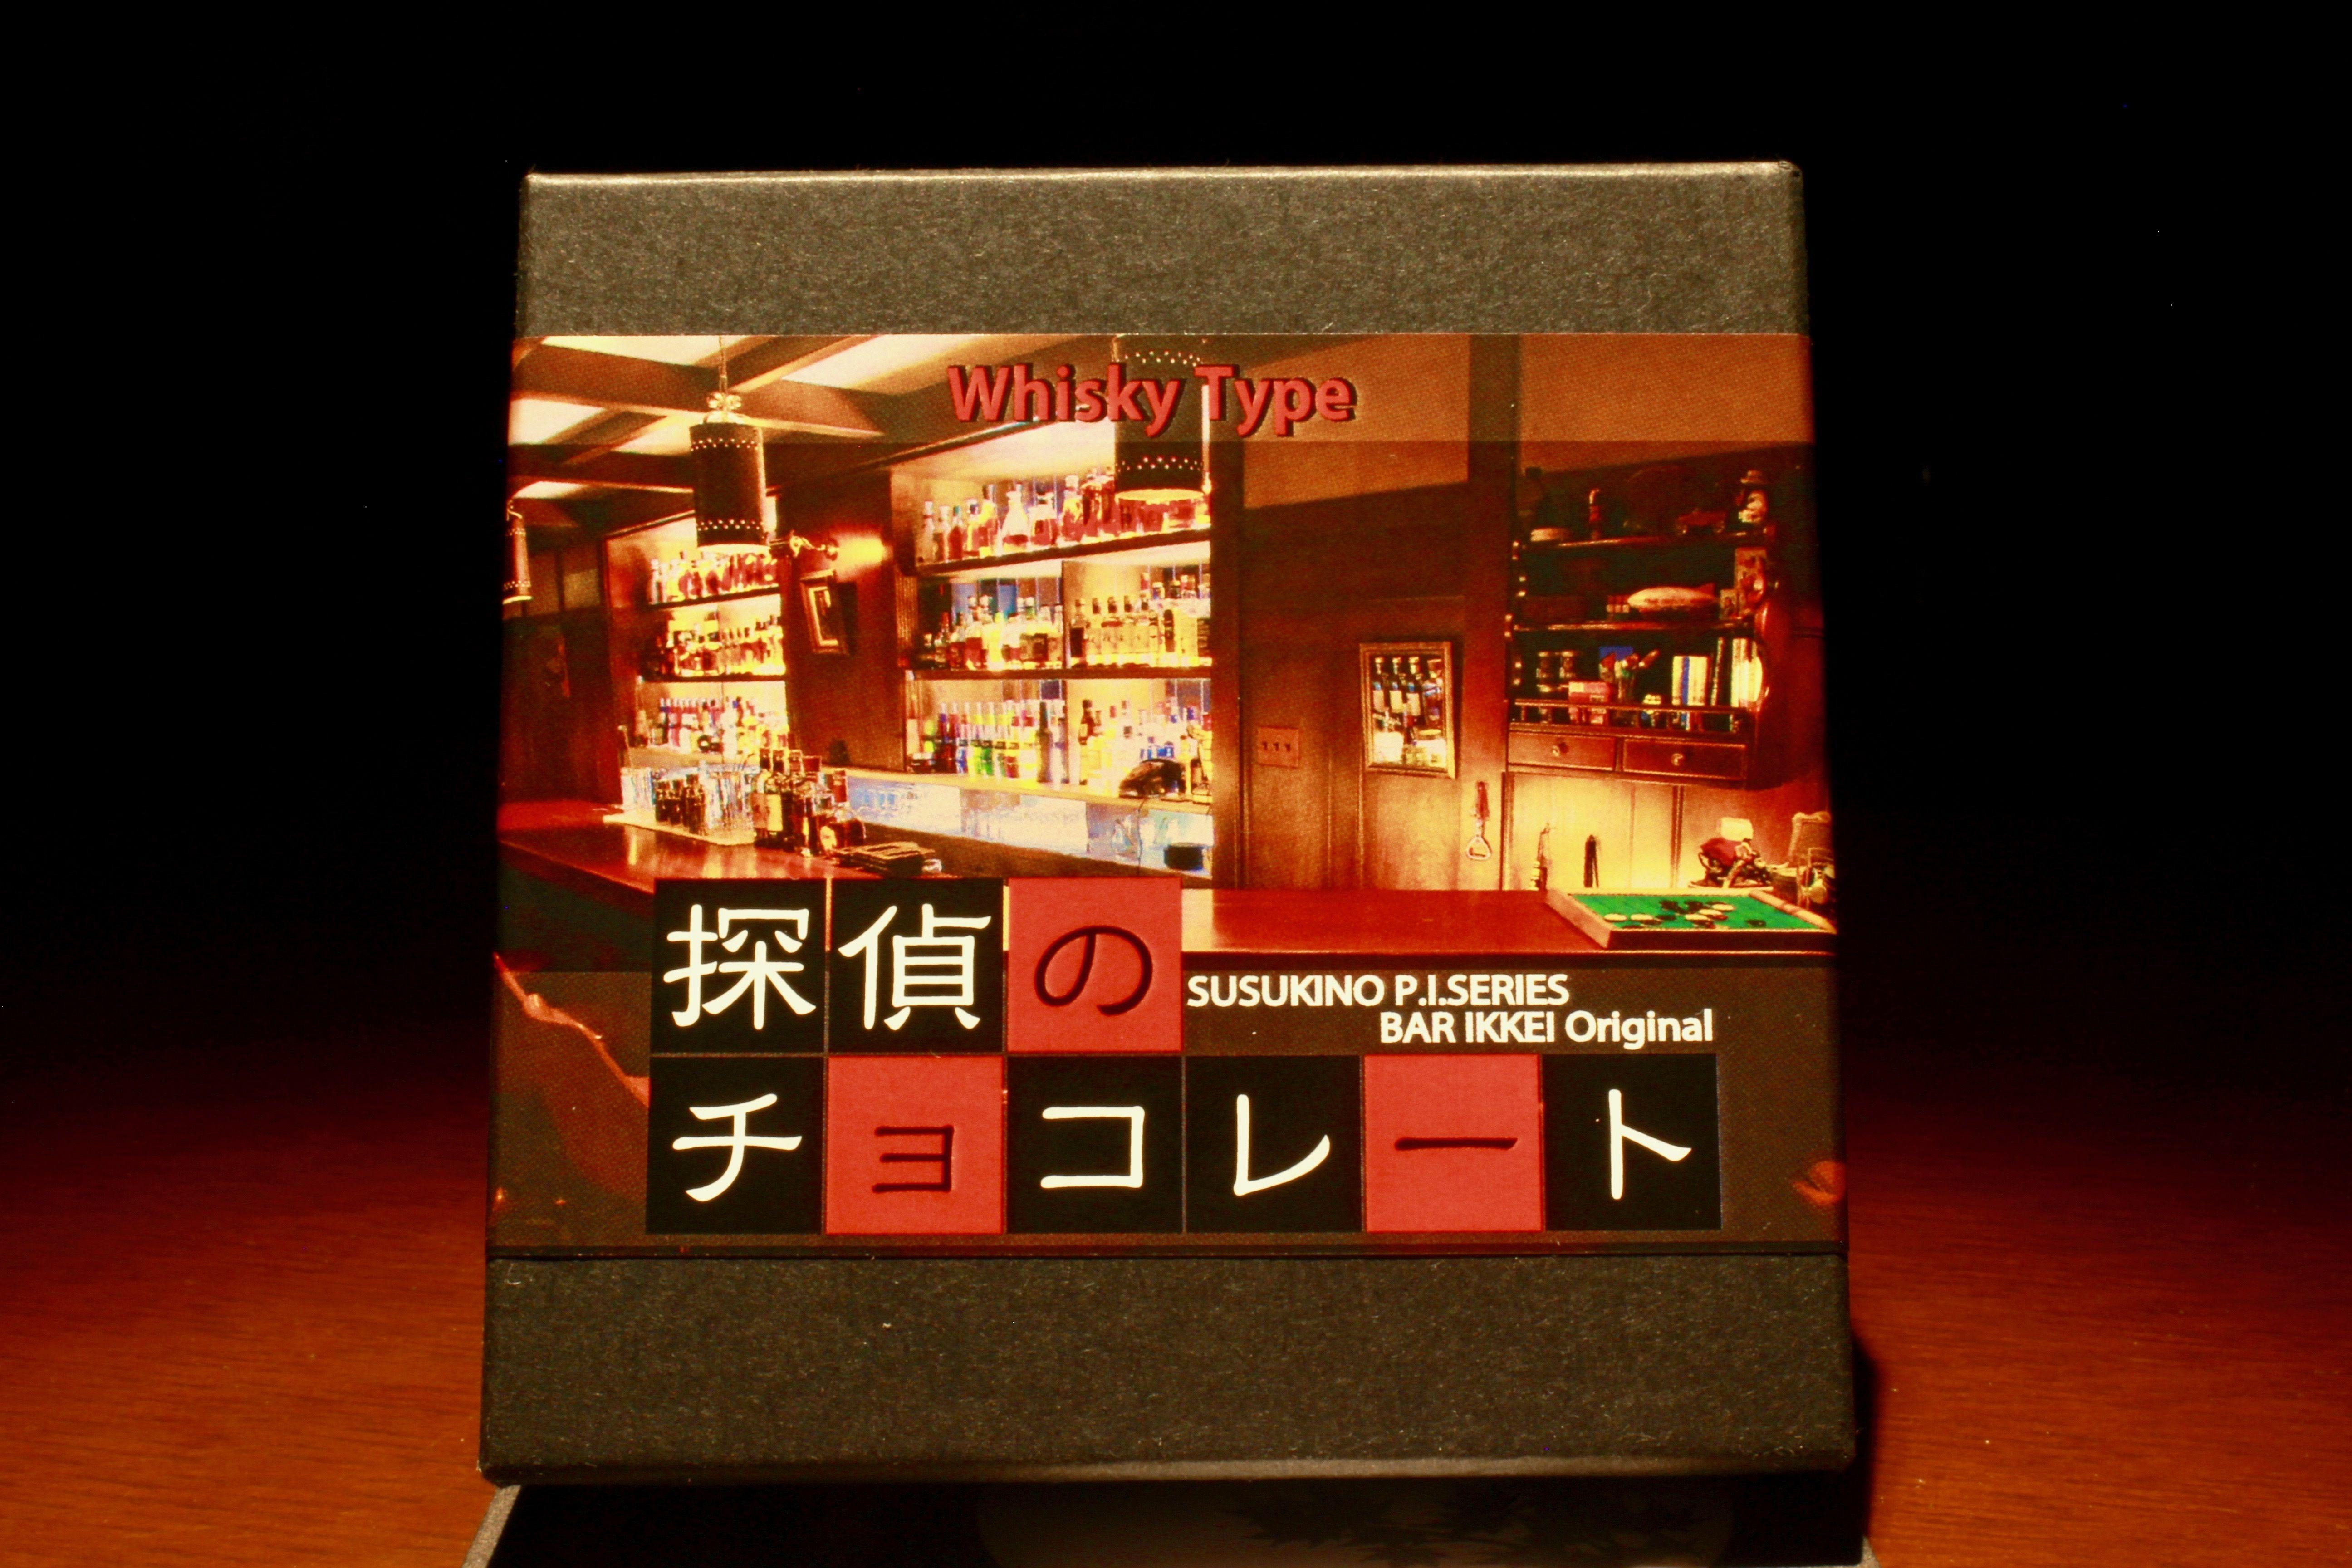 全国上映映画「探偵はBARにいる3」公認【探偵のチョコレート】通常販売はじまりました!! (製造に熟成期間を必要とする為、通常注文時は発送までに2週間かかります事をご了承ください。)